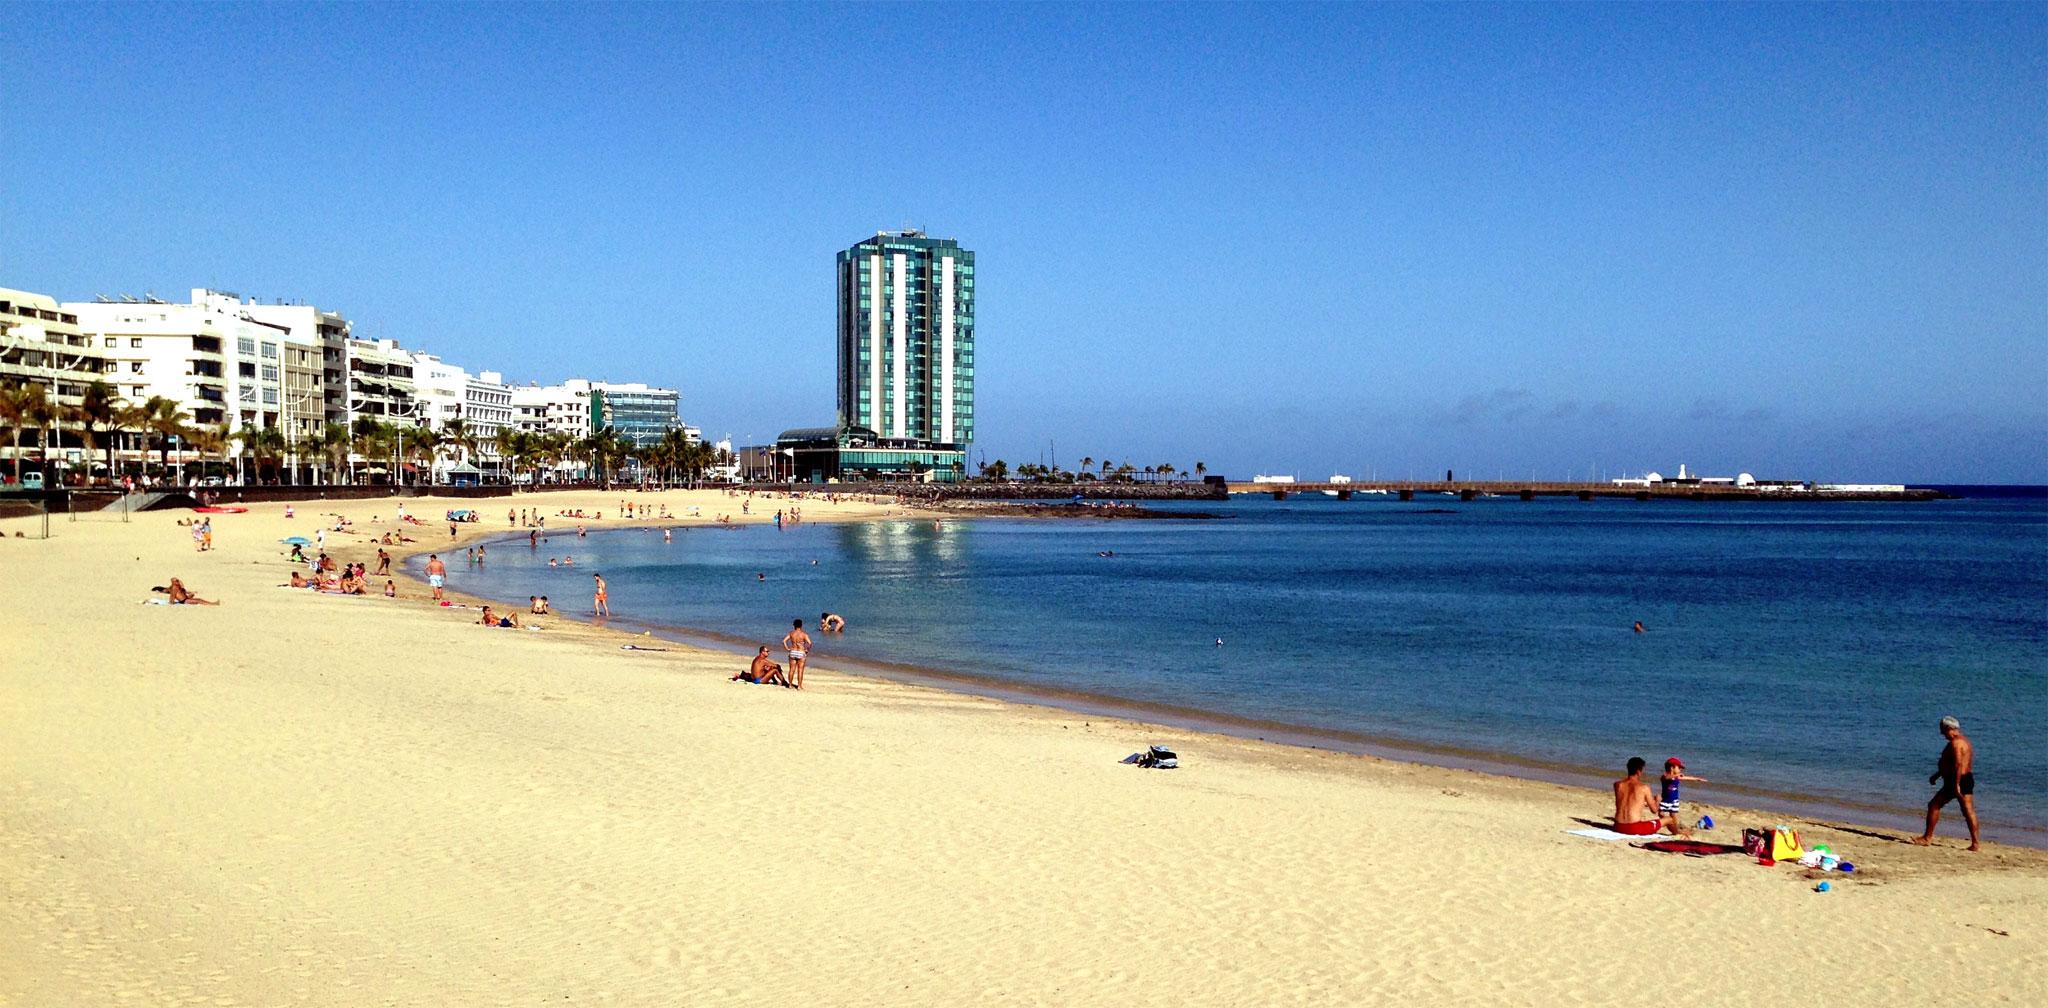 La playa de El Reducto, Arrecife de Lanzarote